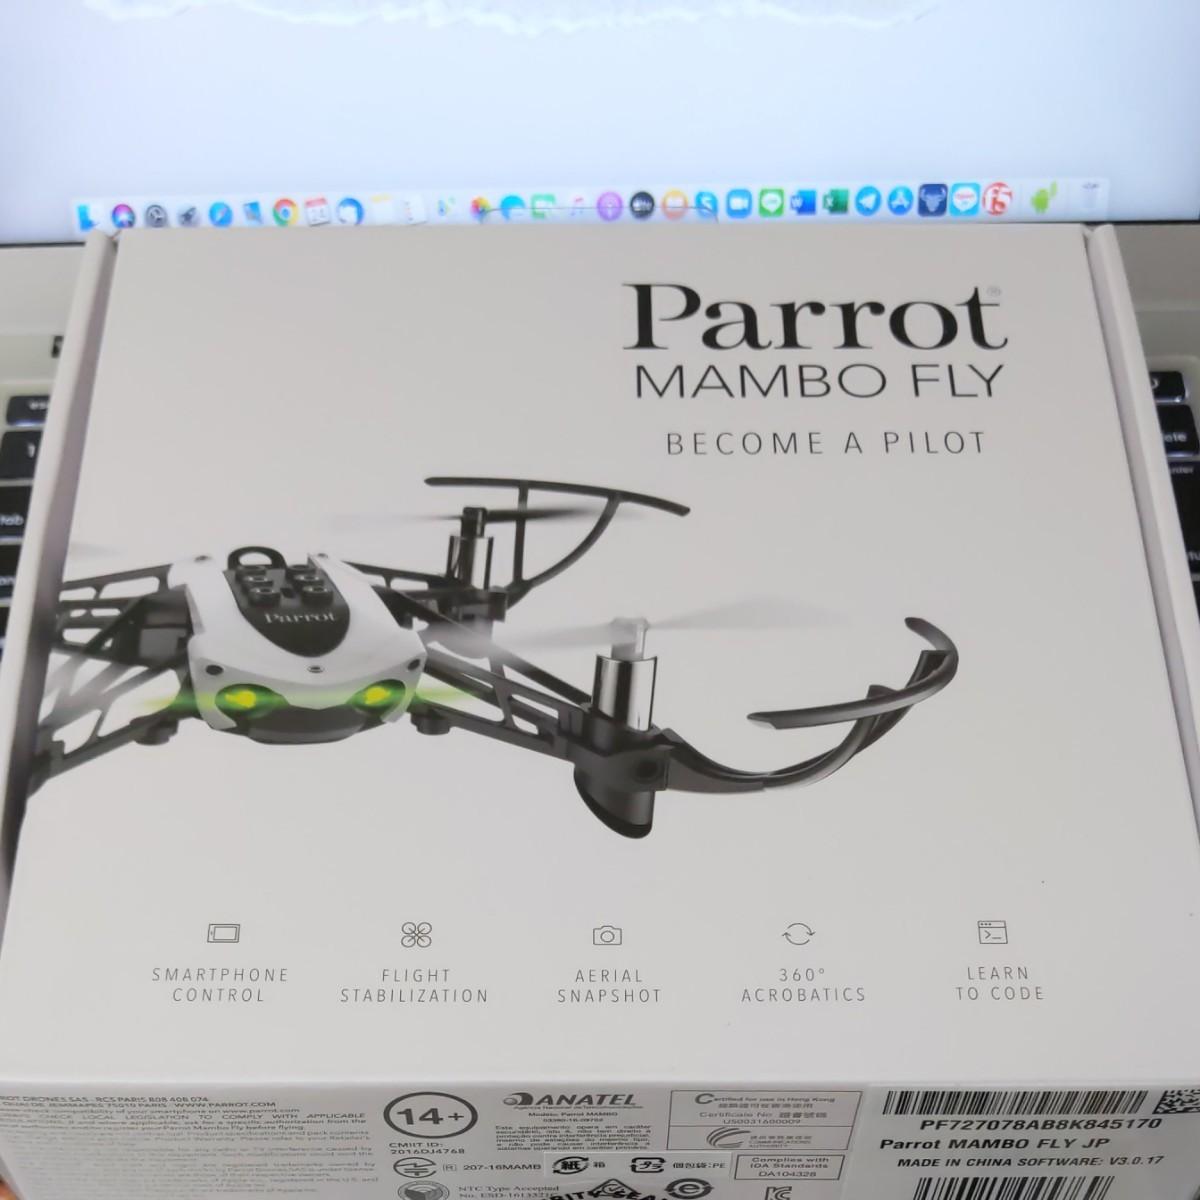 ドローン Parrot MAMBO FLY 新品未開封未使用 PF727078